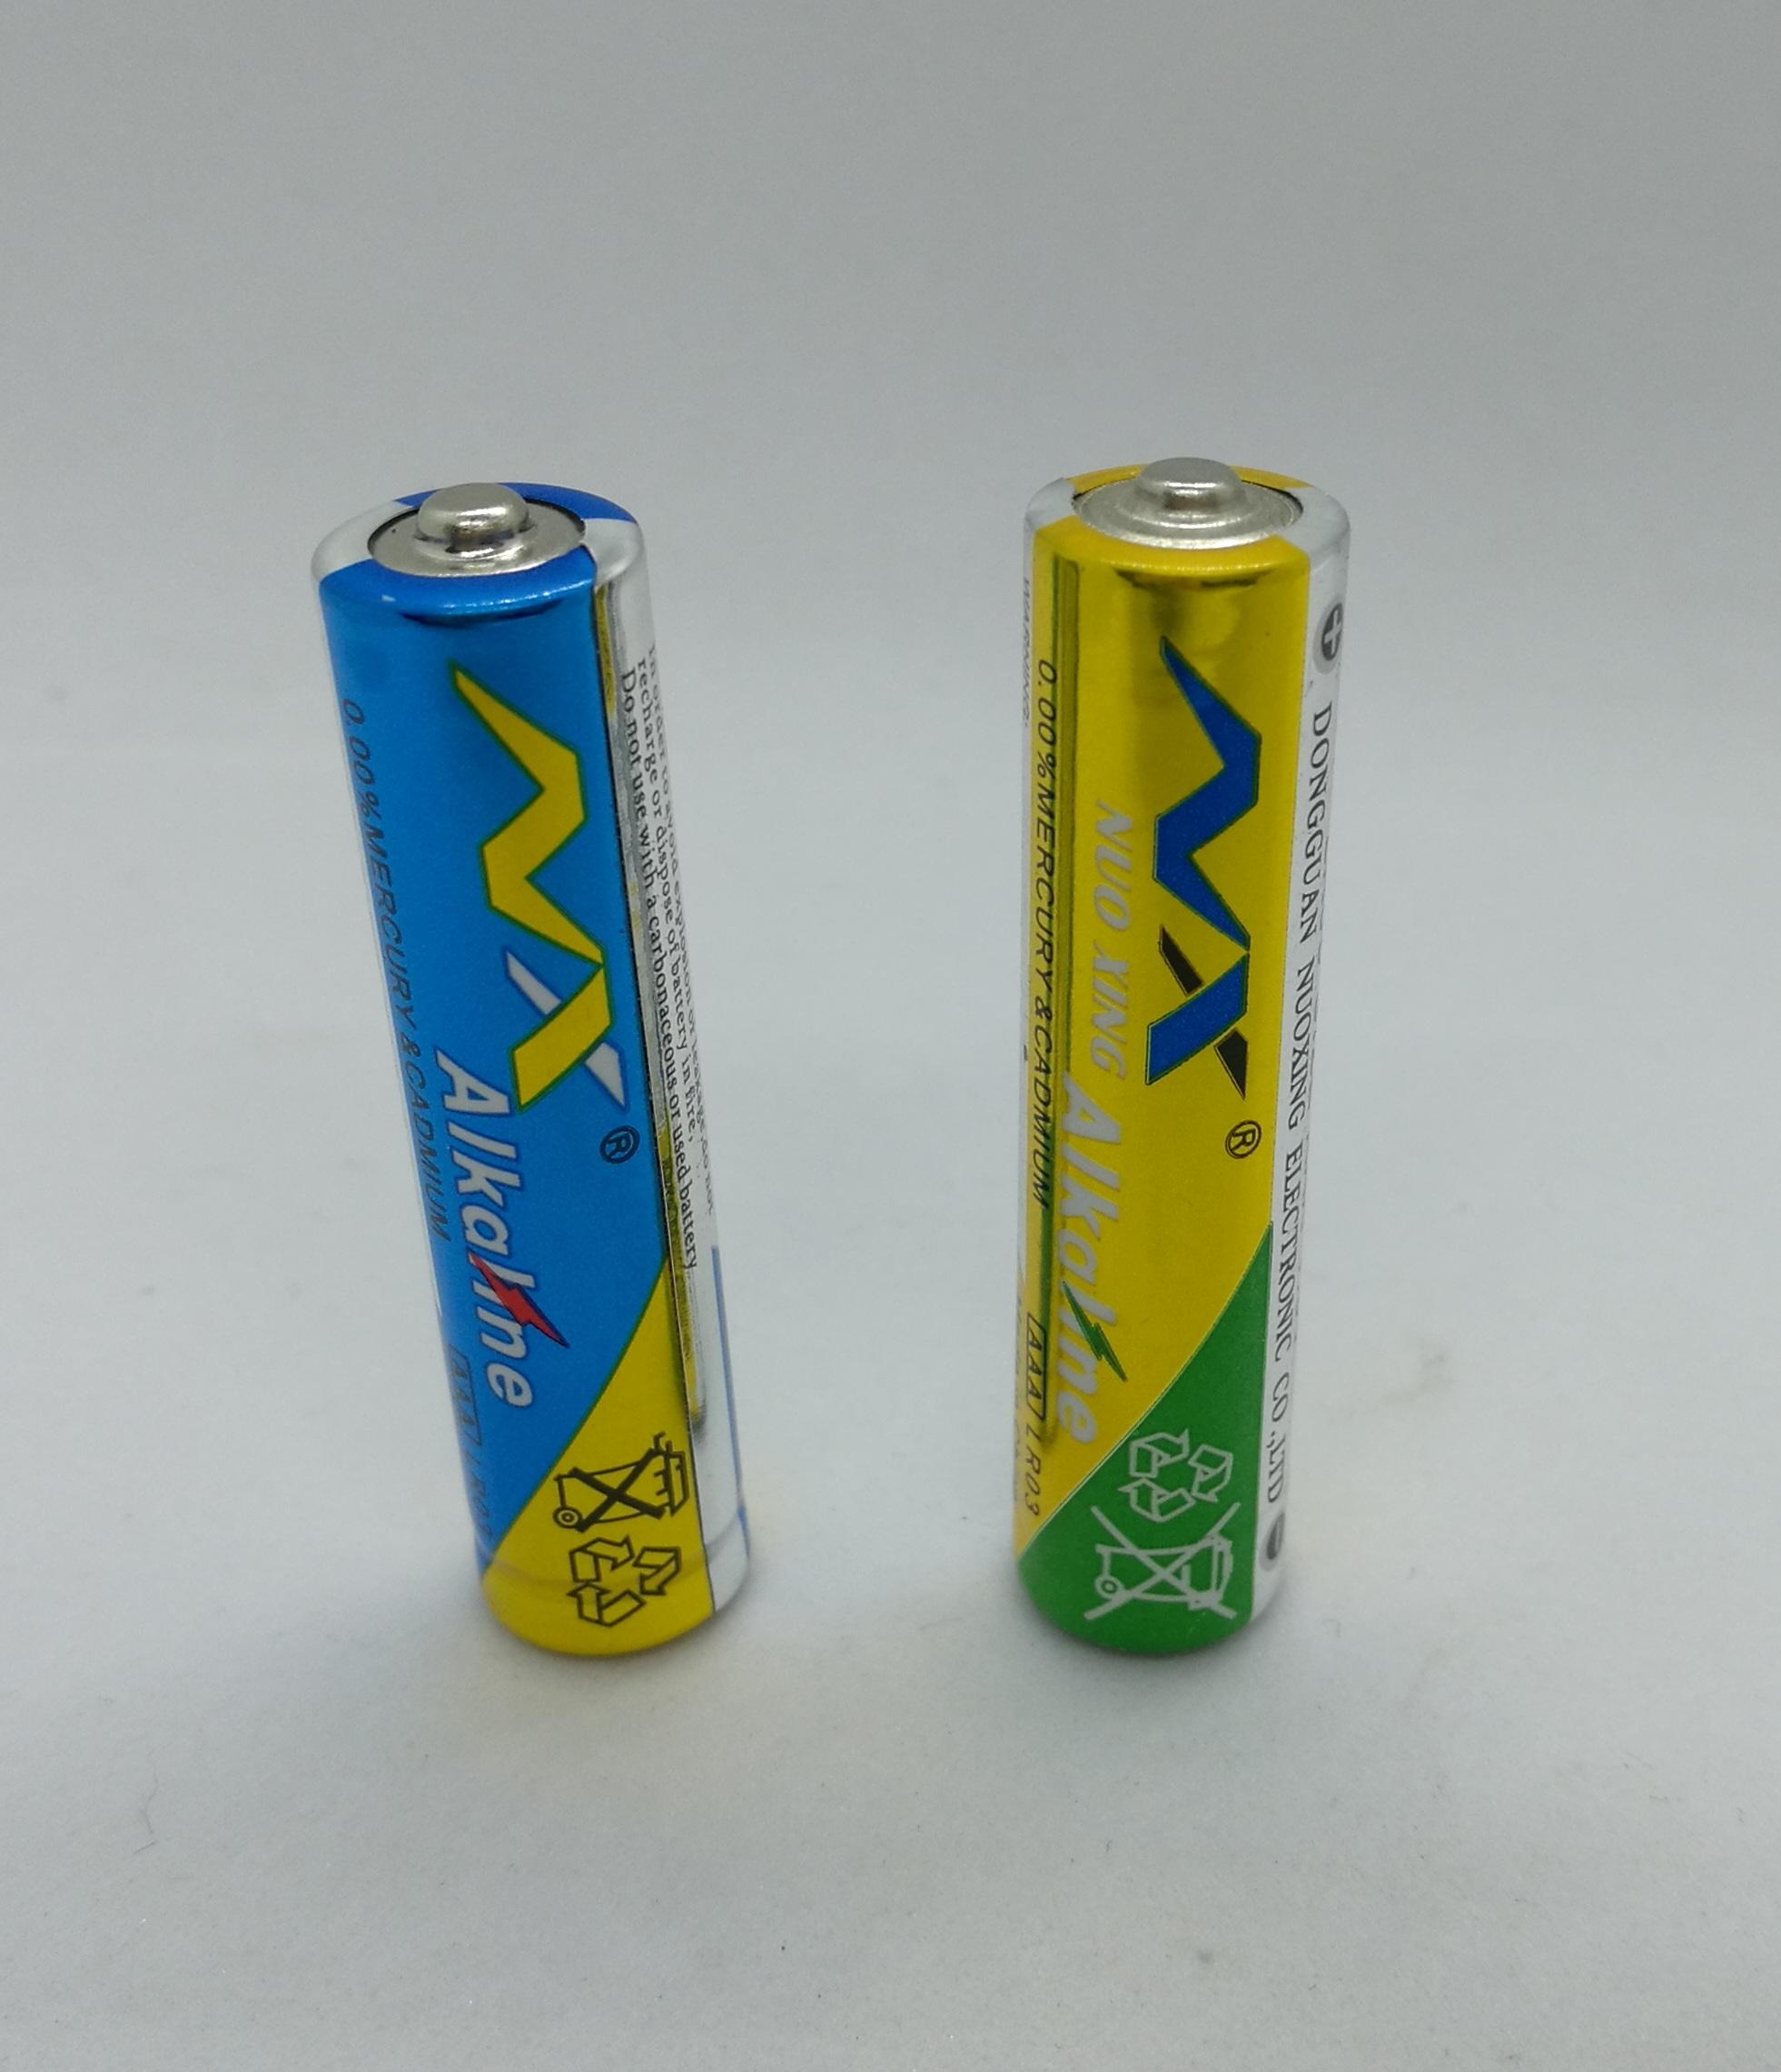 NX 诺星.7号电池